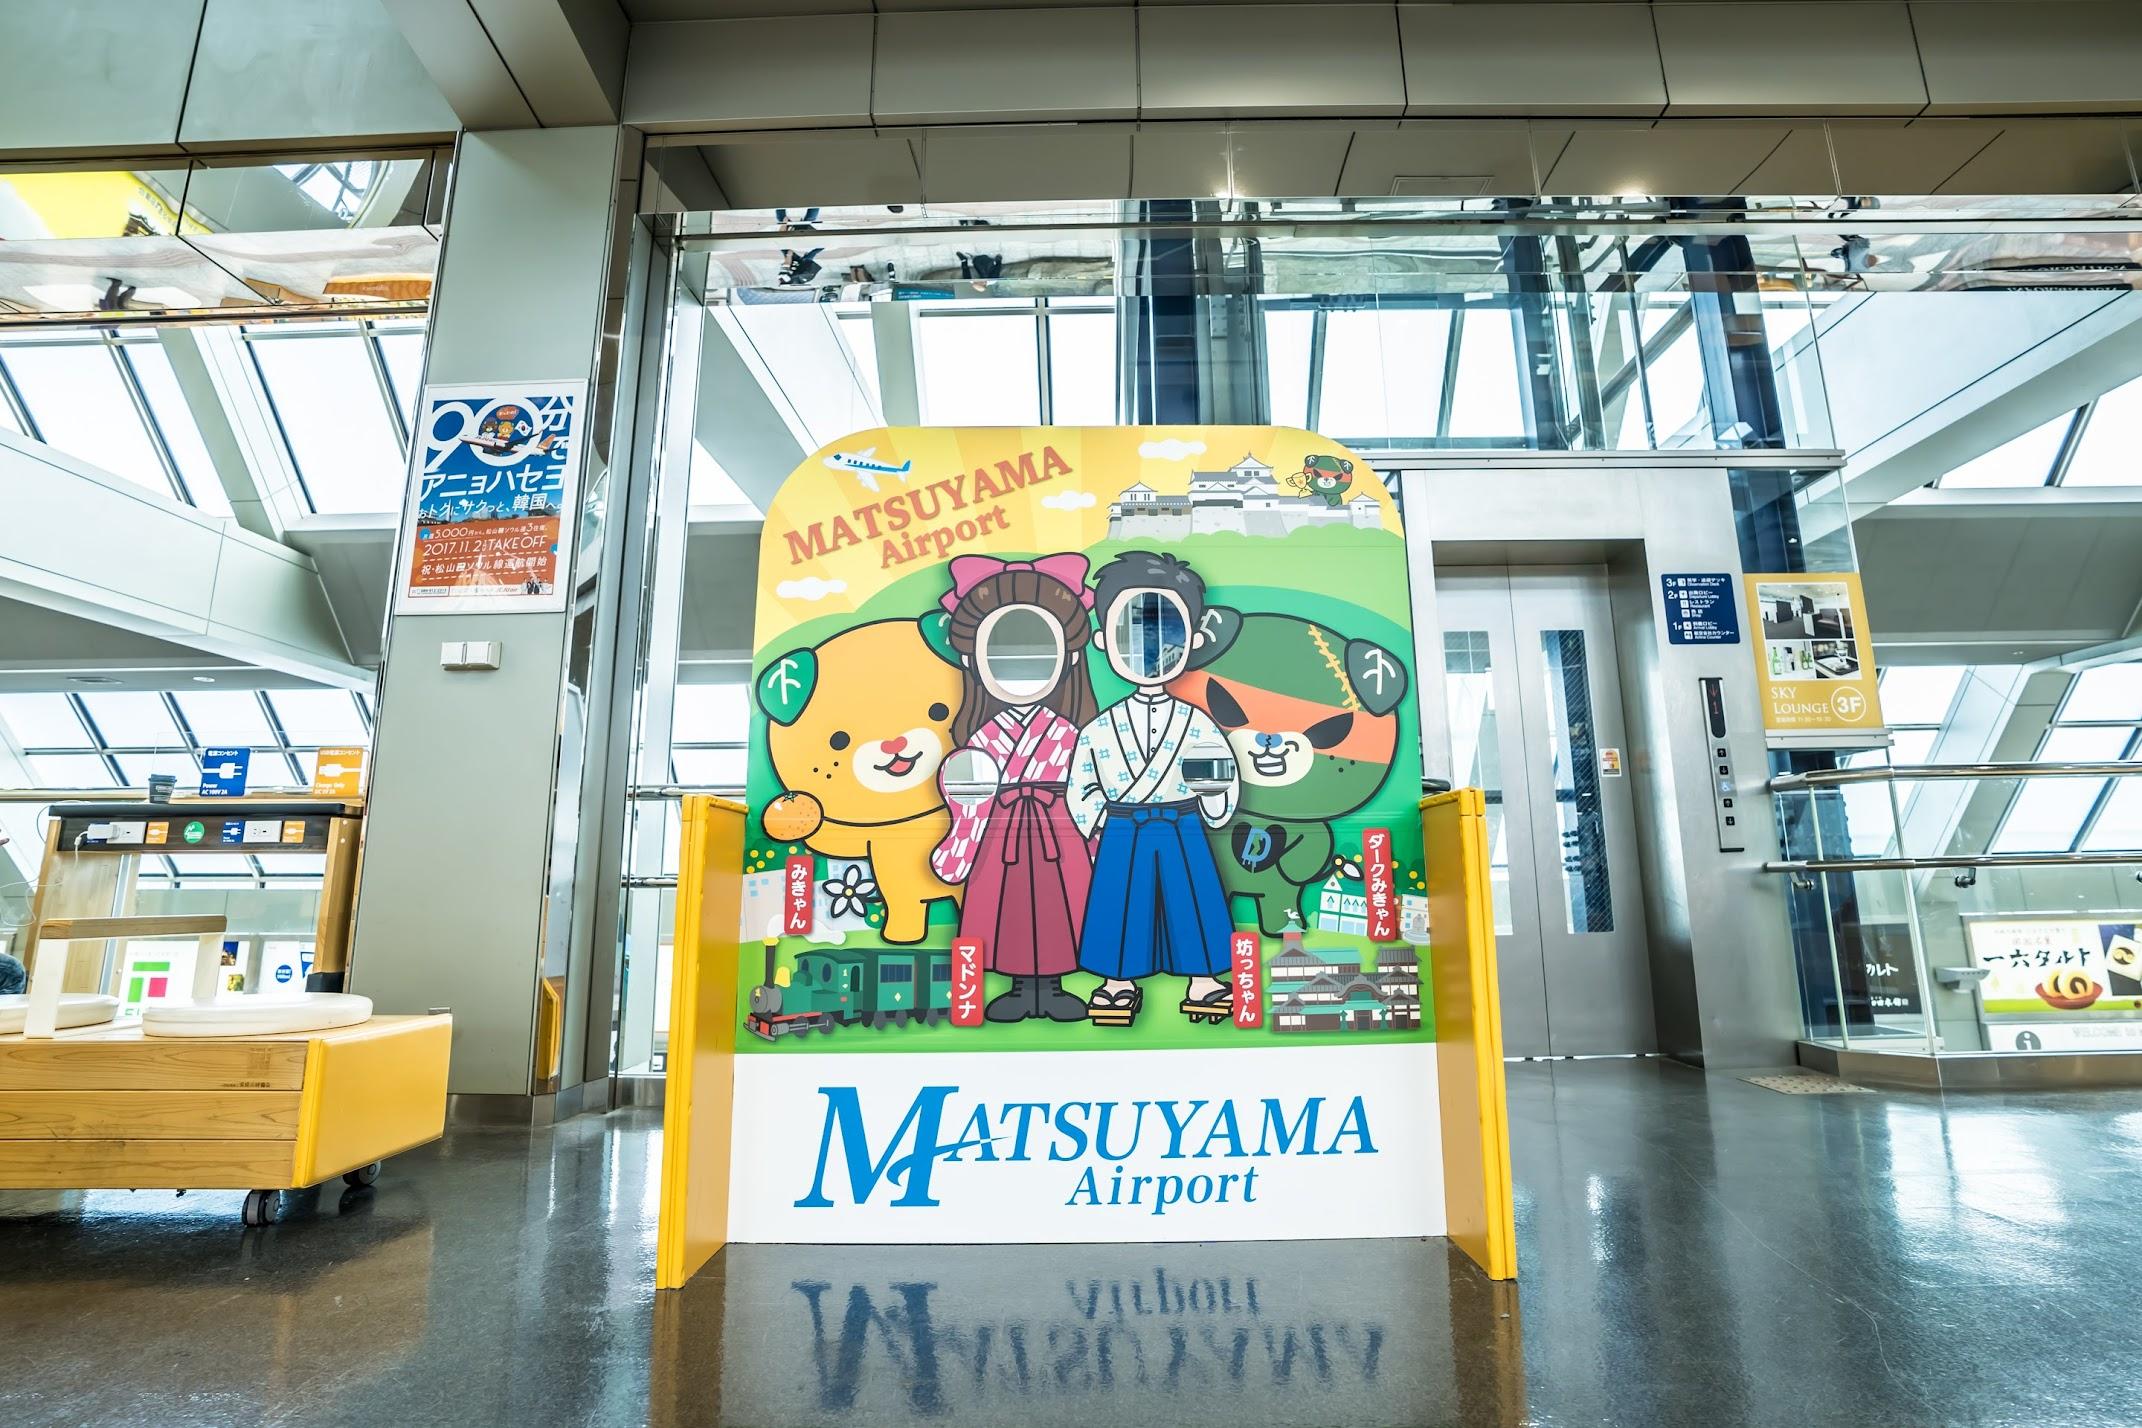 松山空港 みきゃん ダークみきゃん